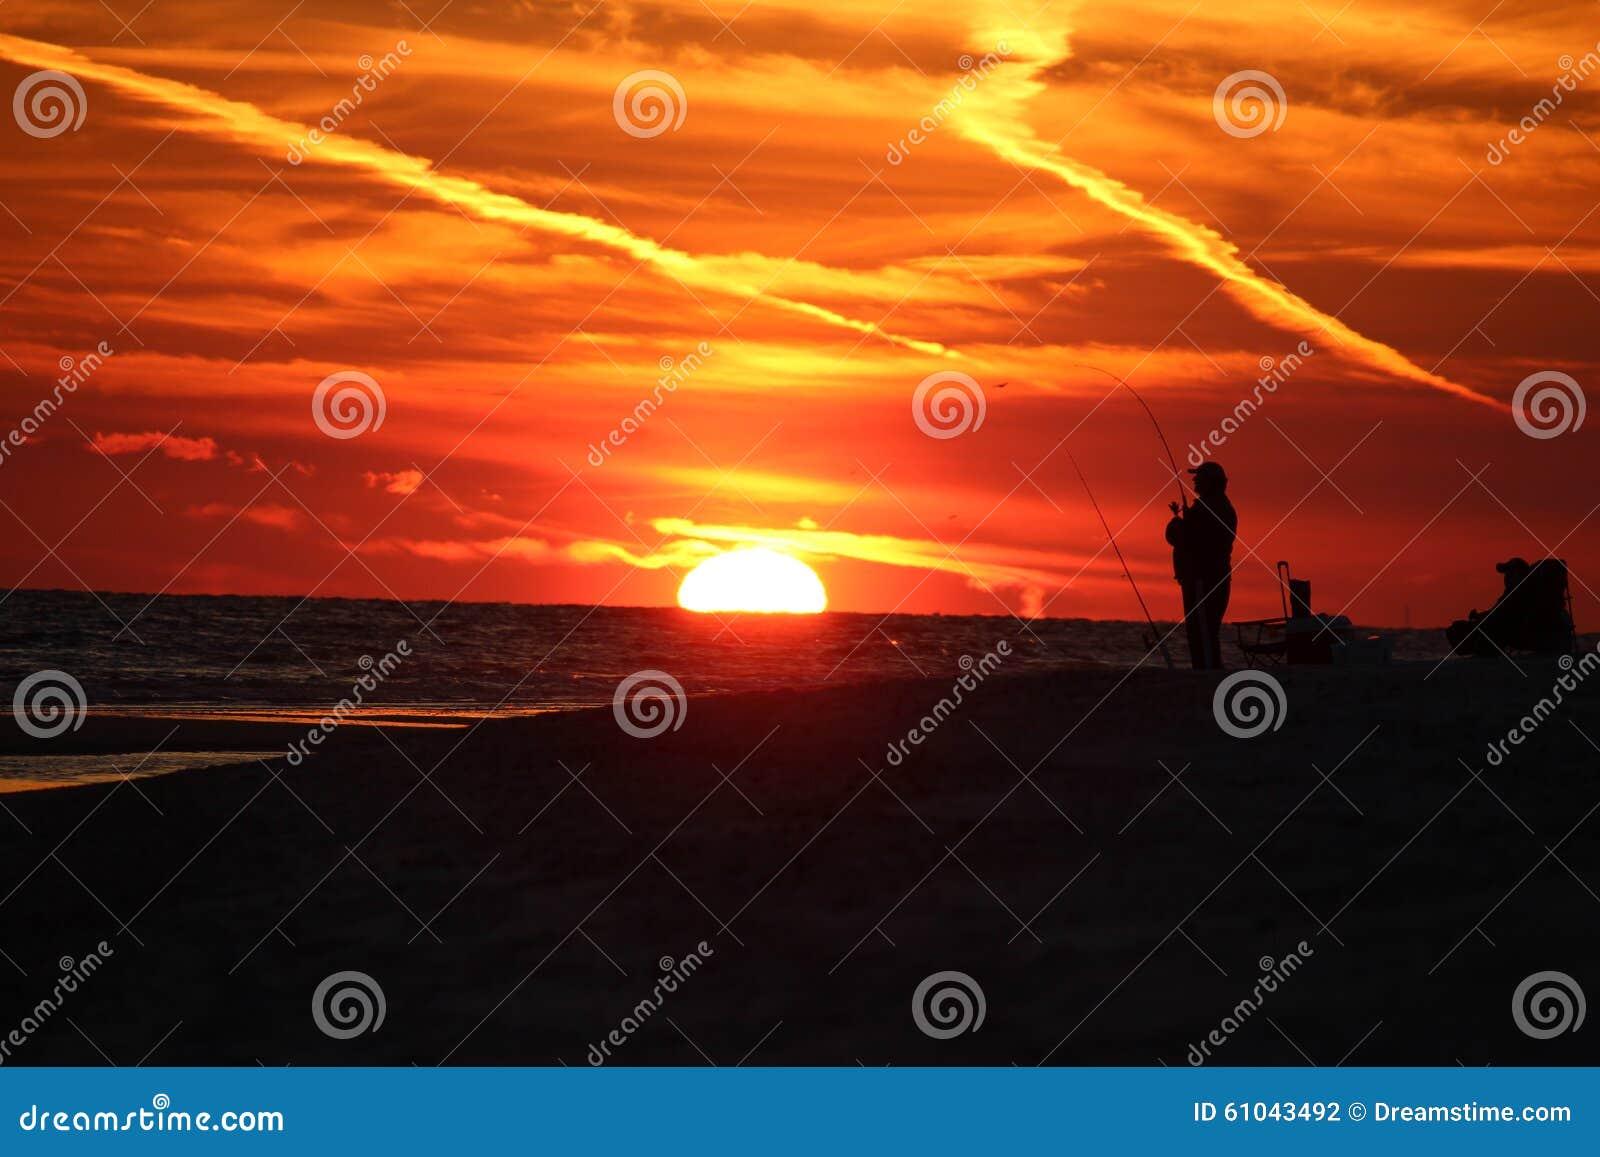 Hombre surfcasting en la puesta del sol en Alabama